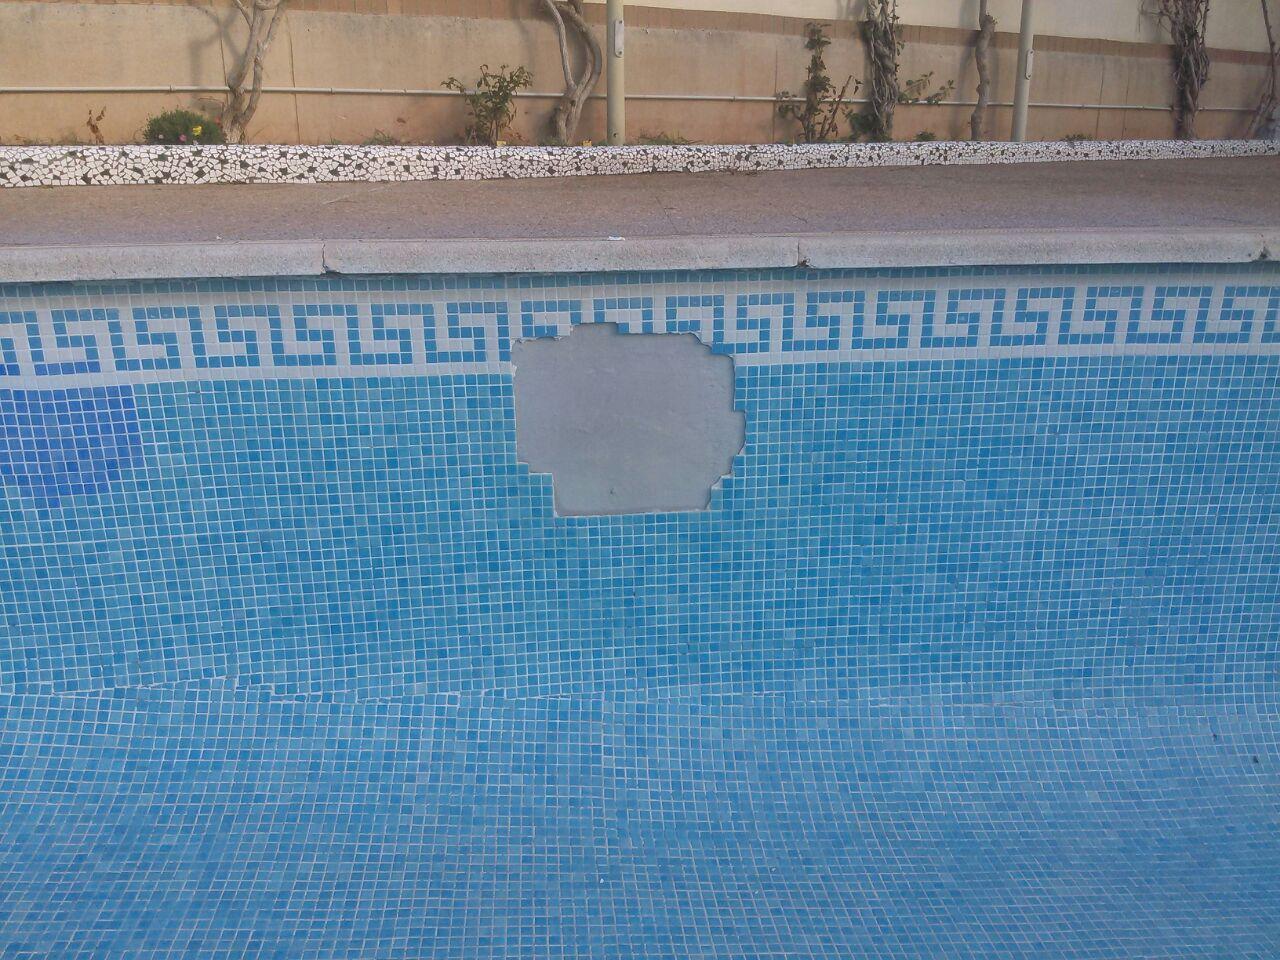 Rejuntado de piscinas comunidad acapulco iv for Juntas piscina